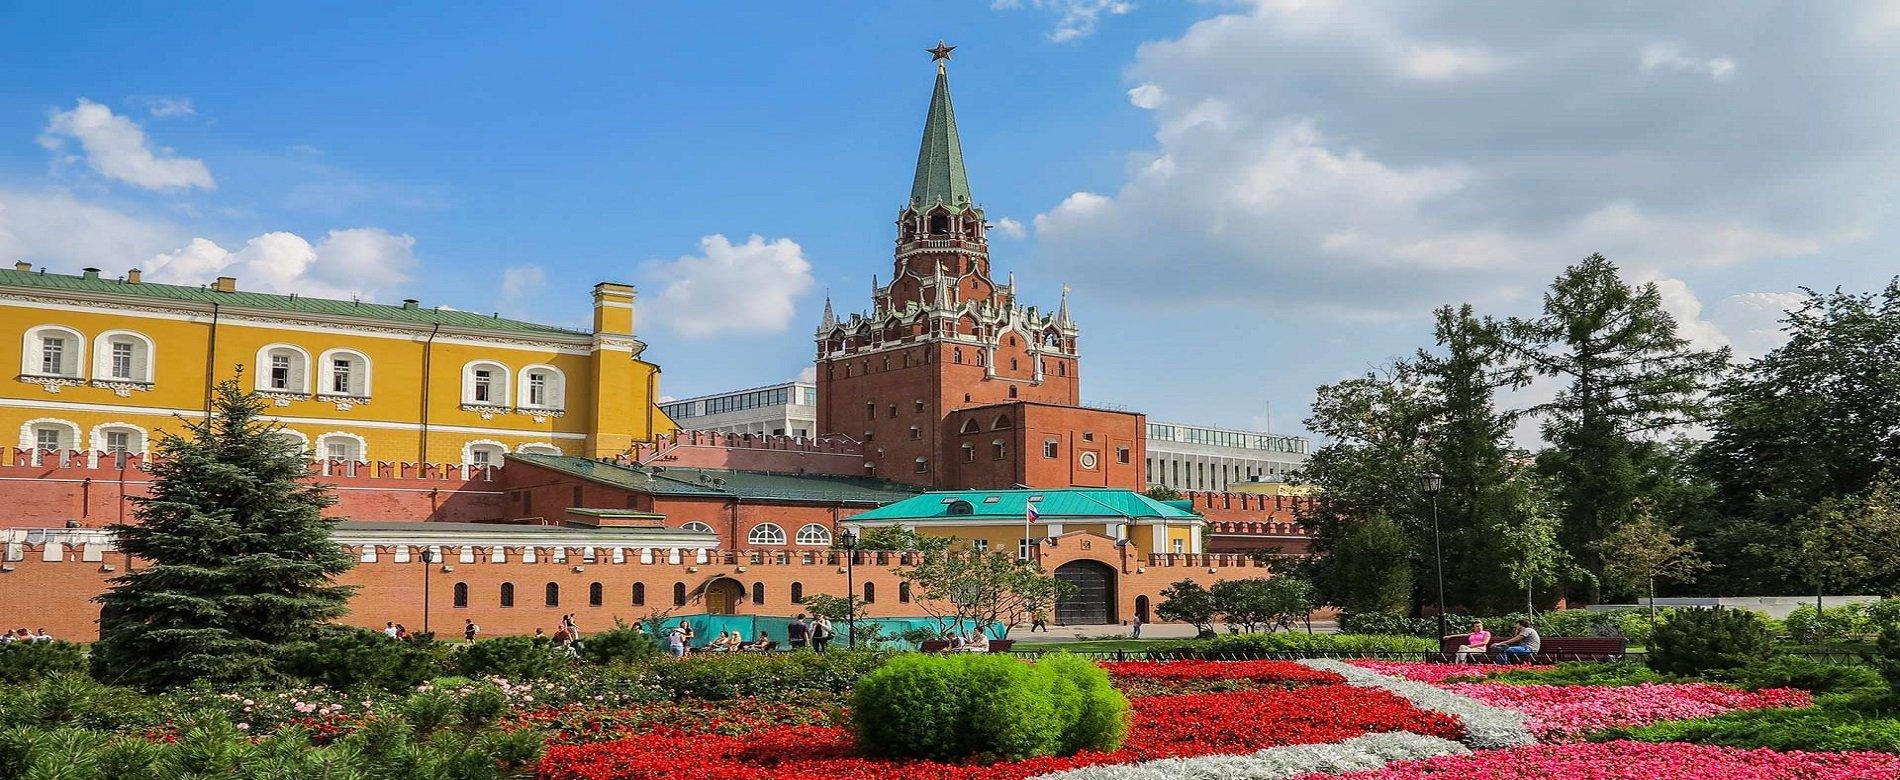 بهترین باغ های گل مسکو ؛ ۵ بهشت کوچک در قلب روسیه